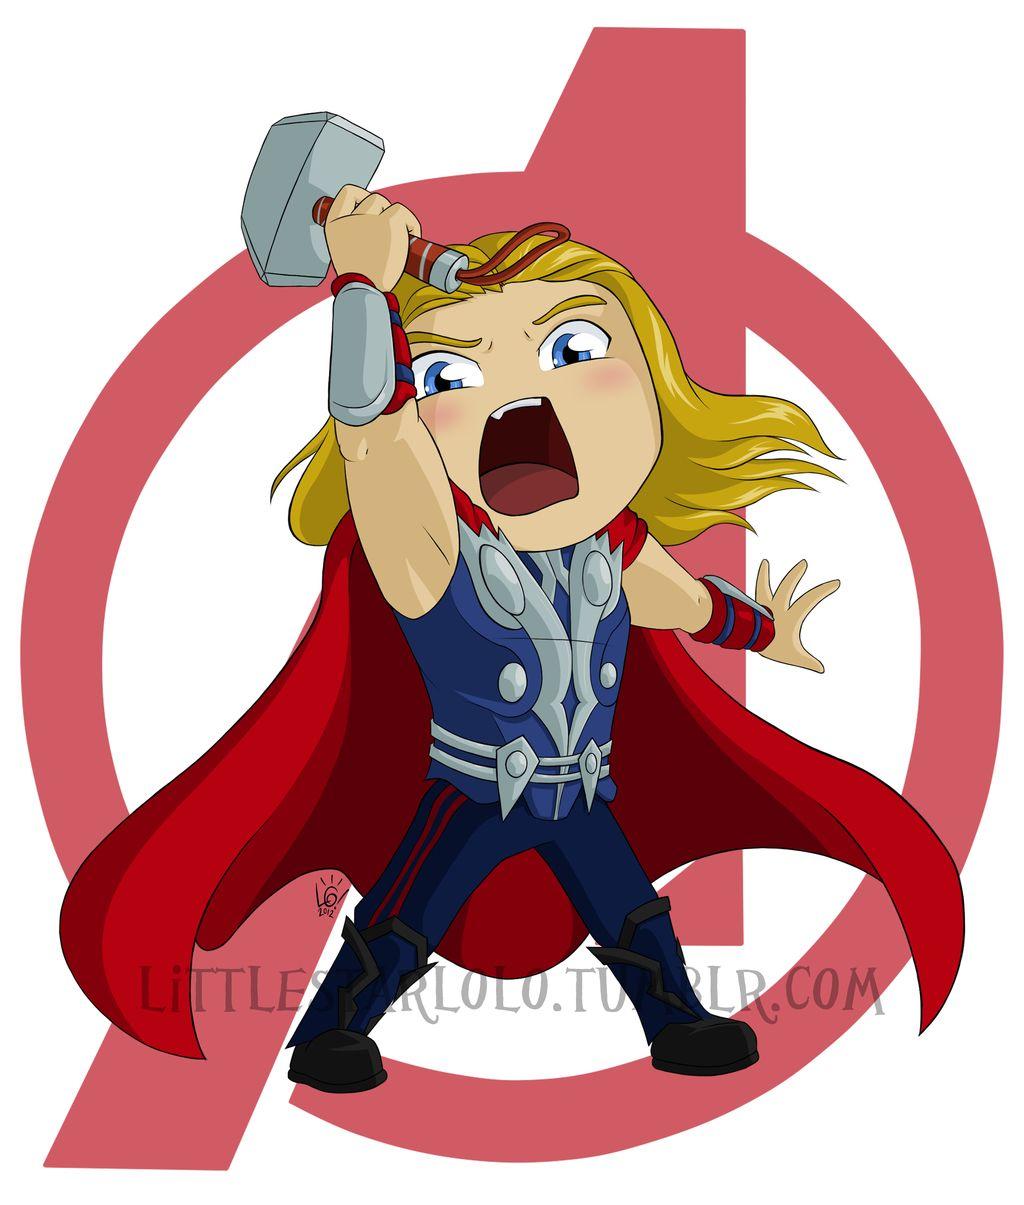 chibi thor   chibi avengers   Pinterest   Chibi, Thor and ...